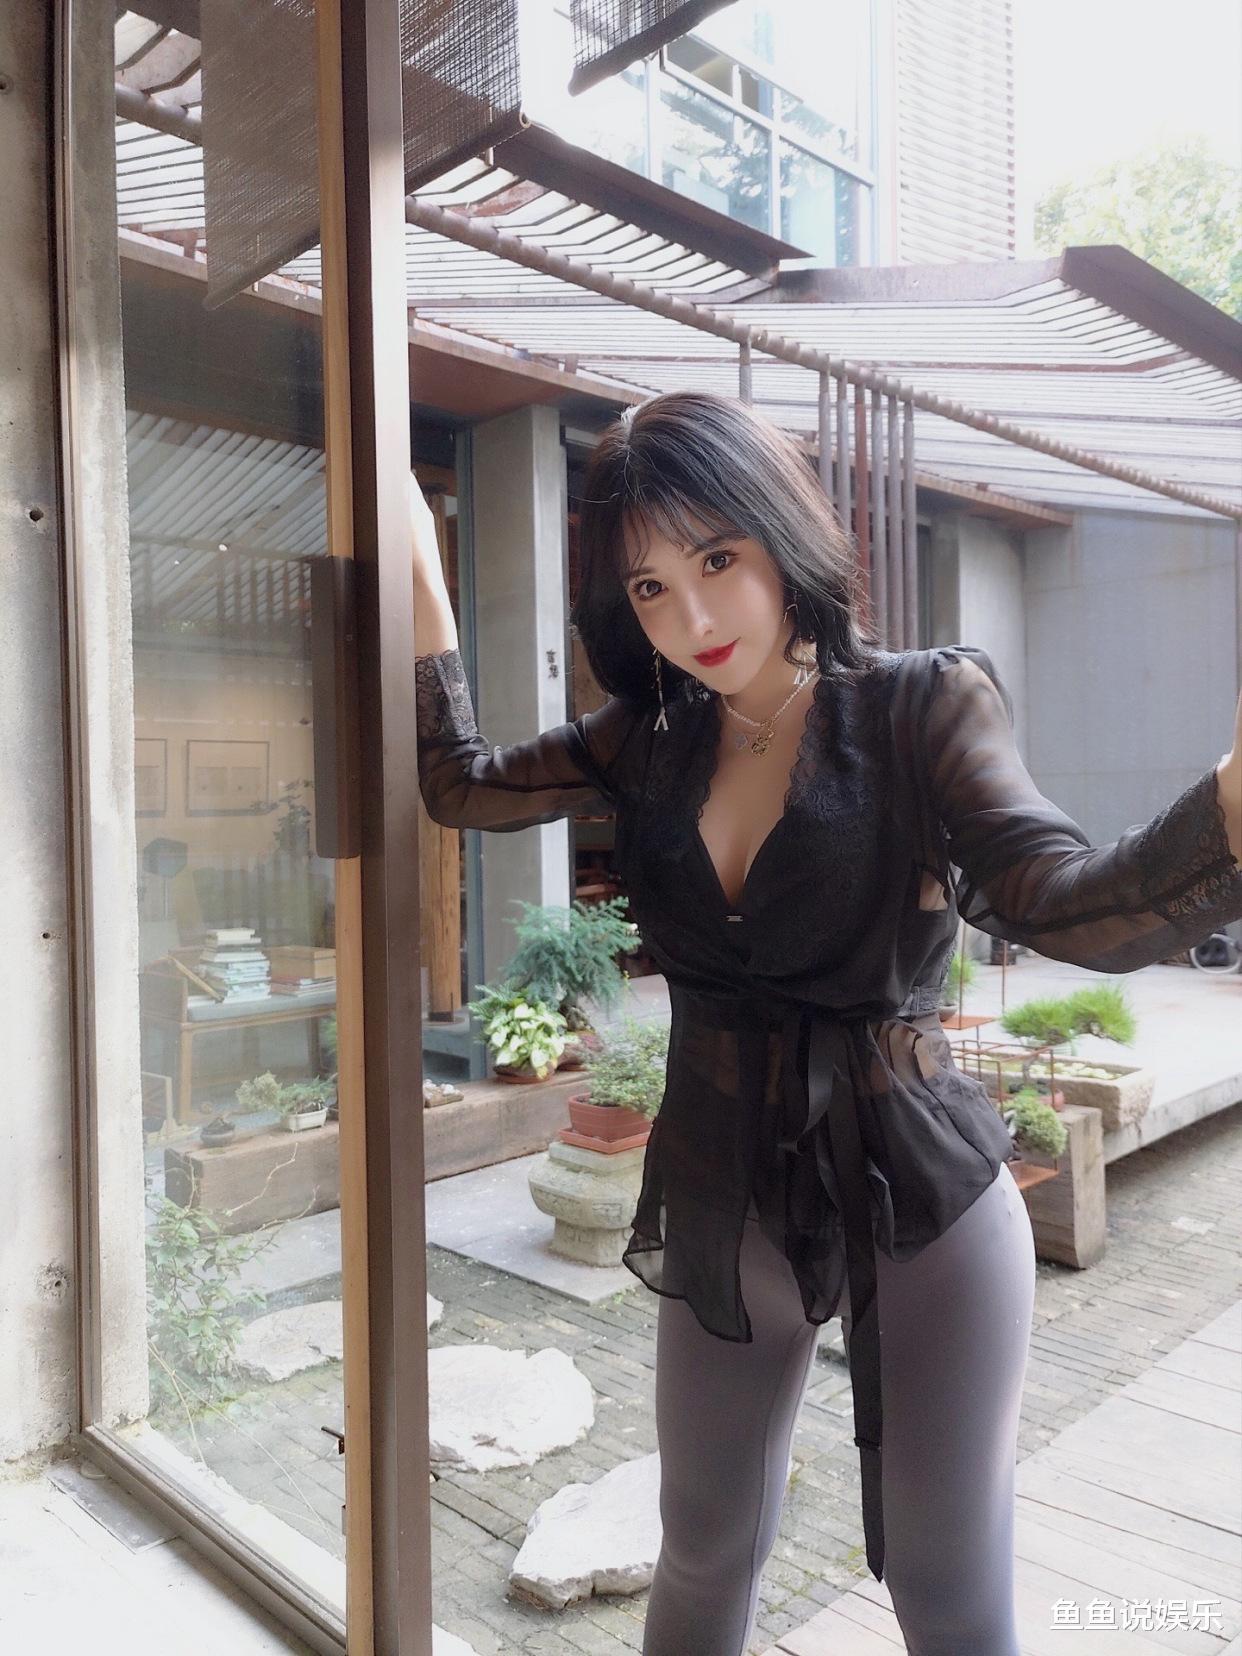 韩国娱乐新闻_底气十足的女孩子稀奇迷人